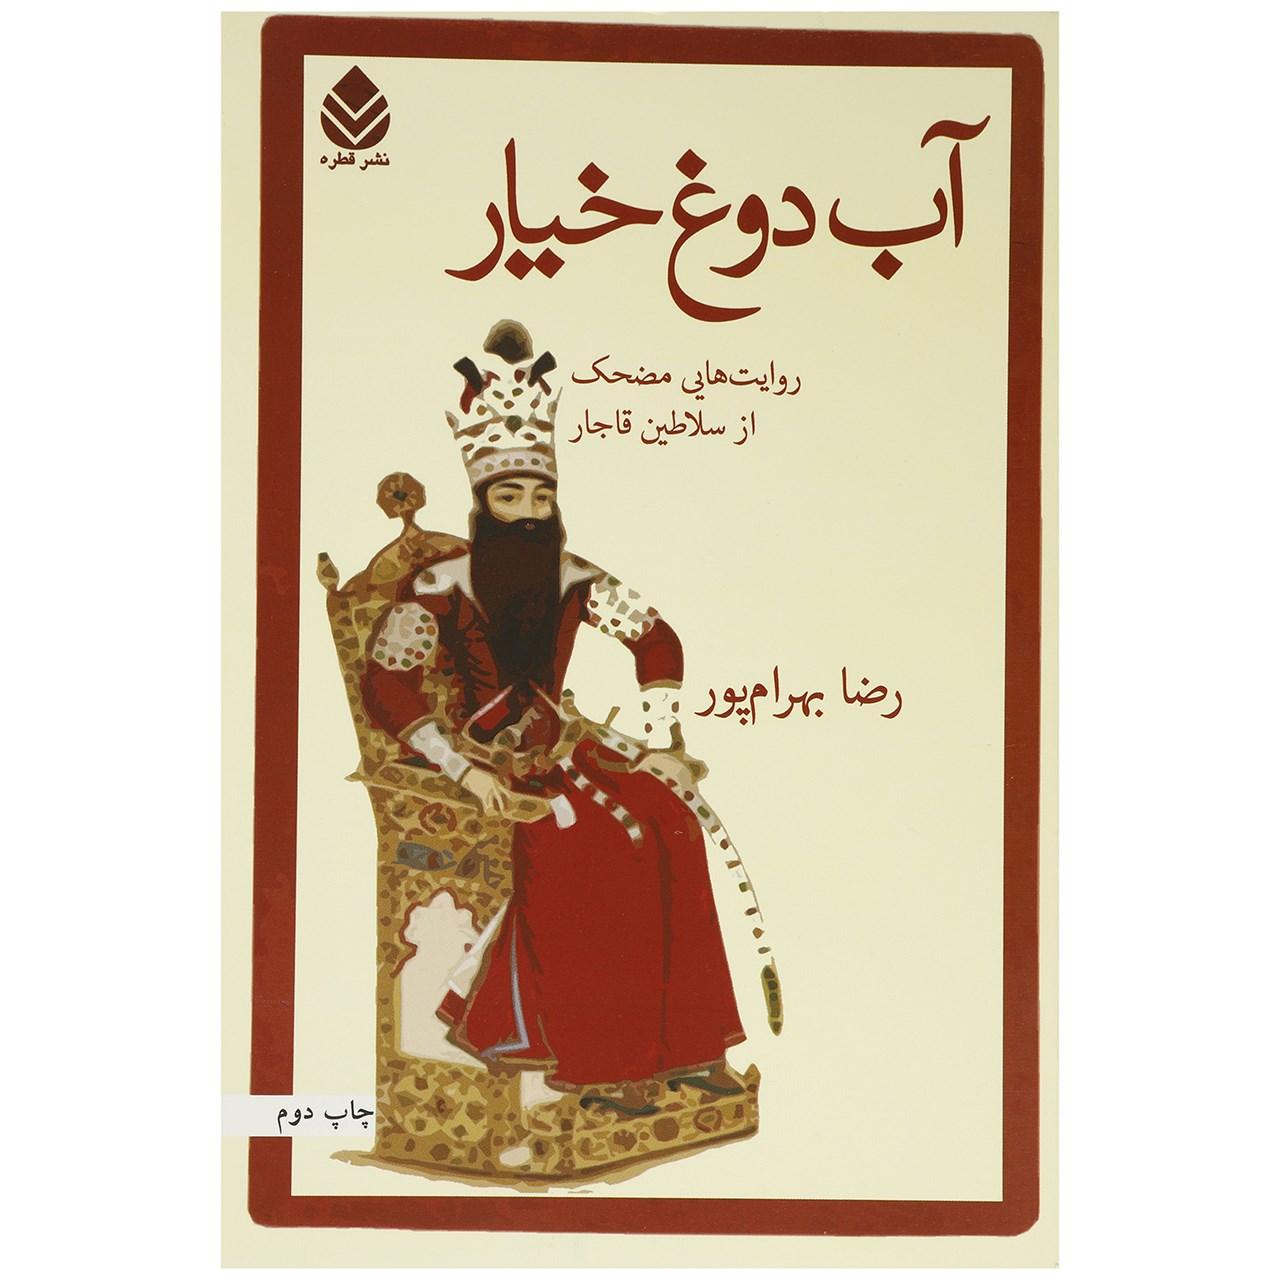 کتاب آب دوغ خیار اثر رضا بهرام پور